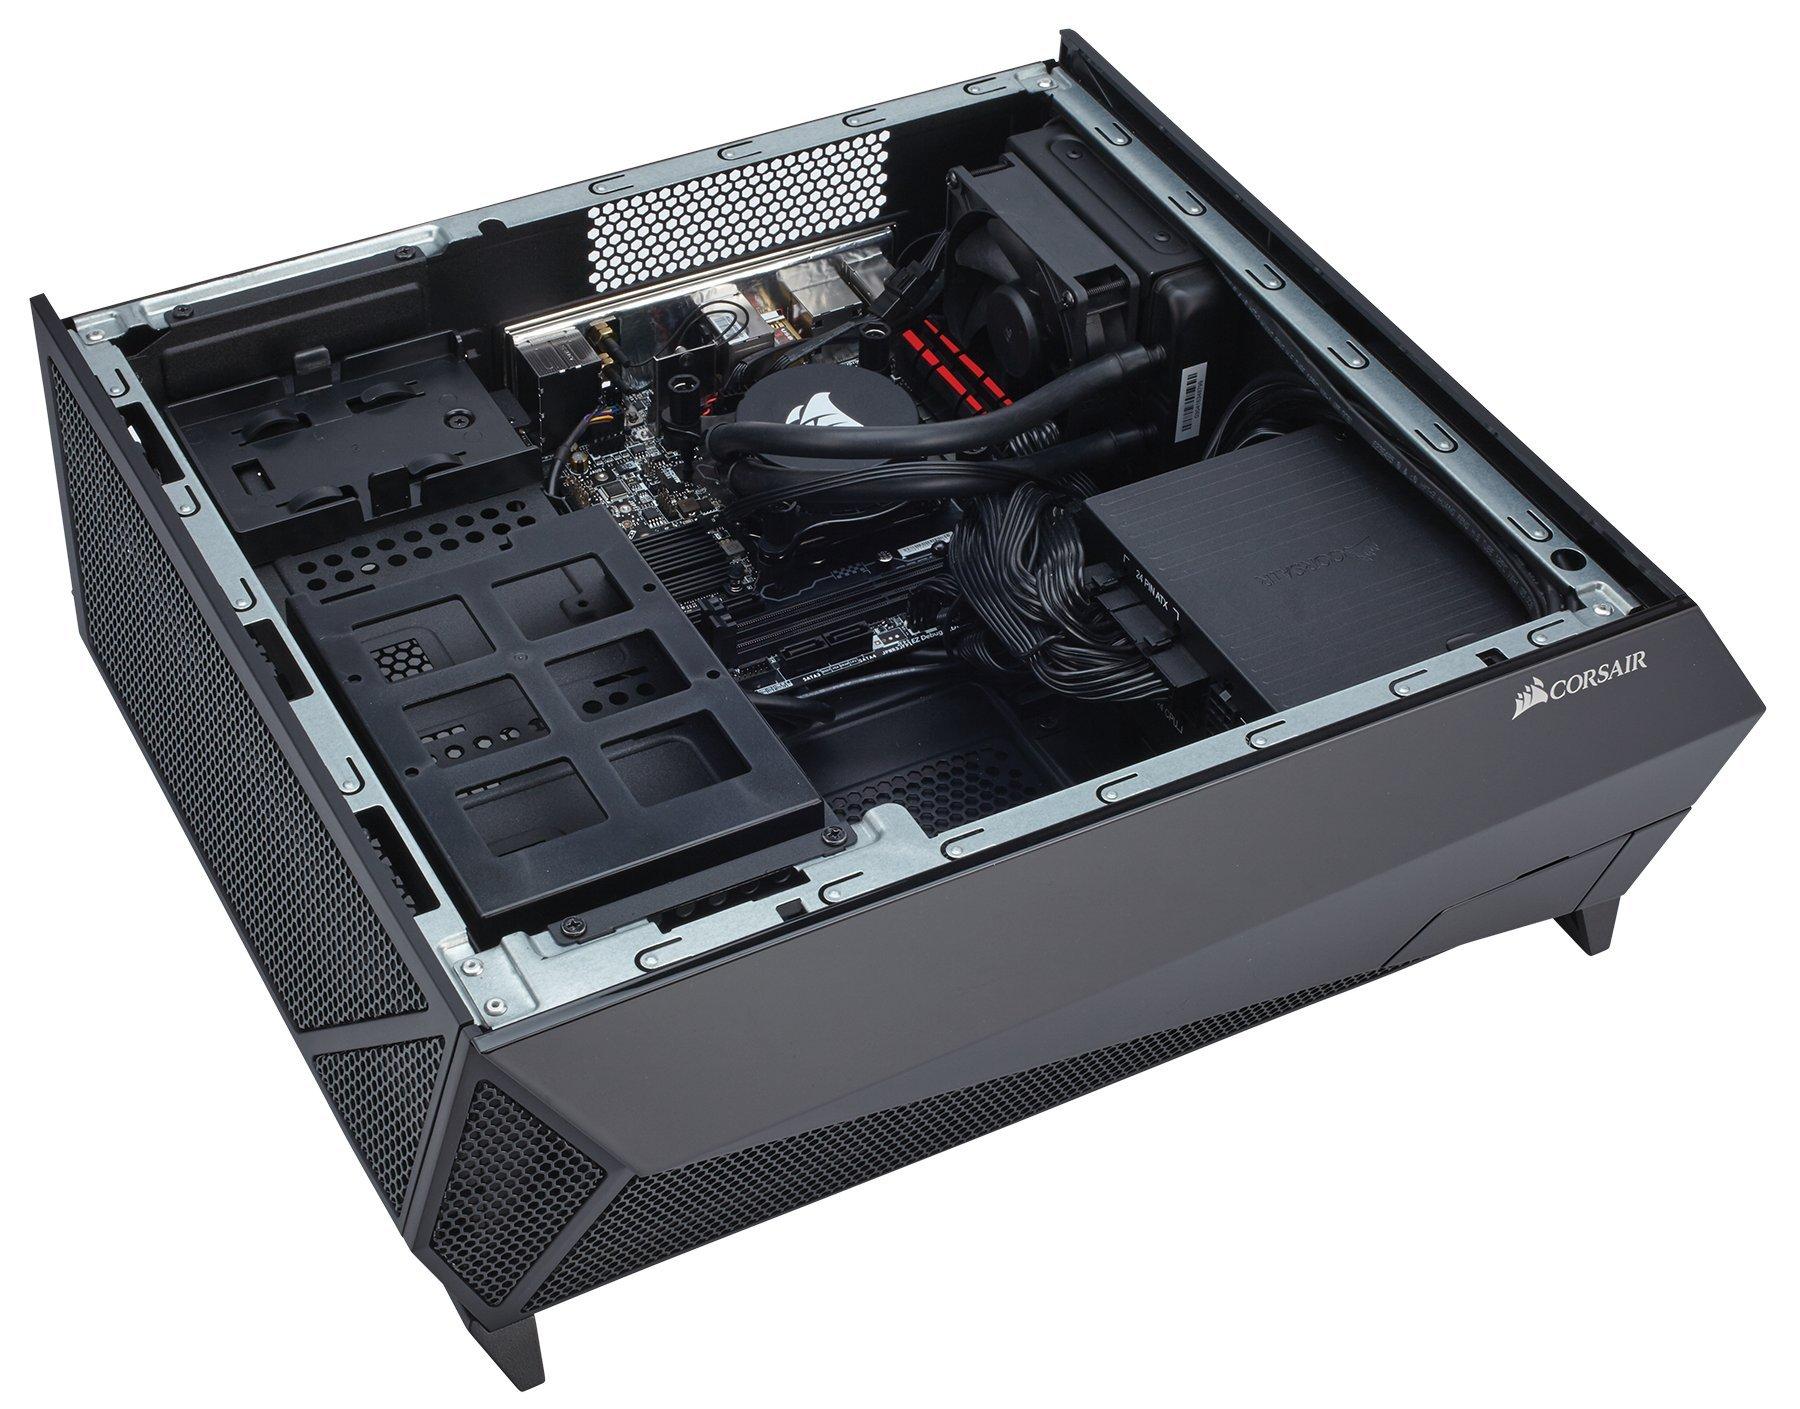 CORSAIR Bulldog (2.0) High Performance PC Barebone Kit by Corsair (Image #7)